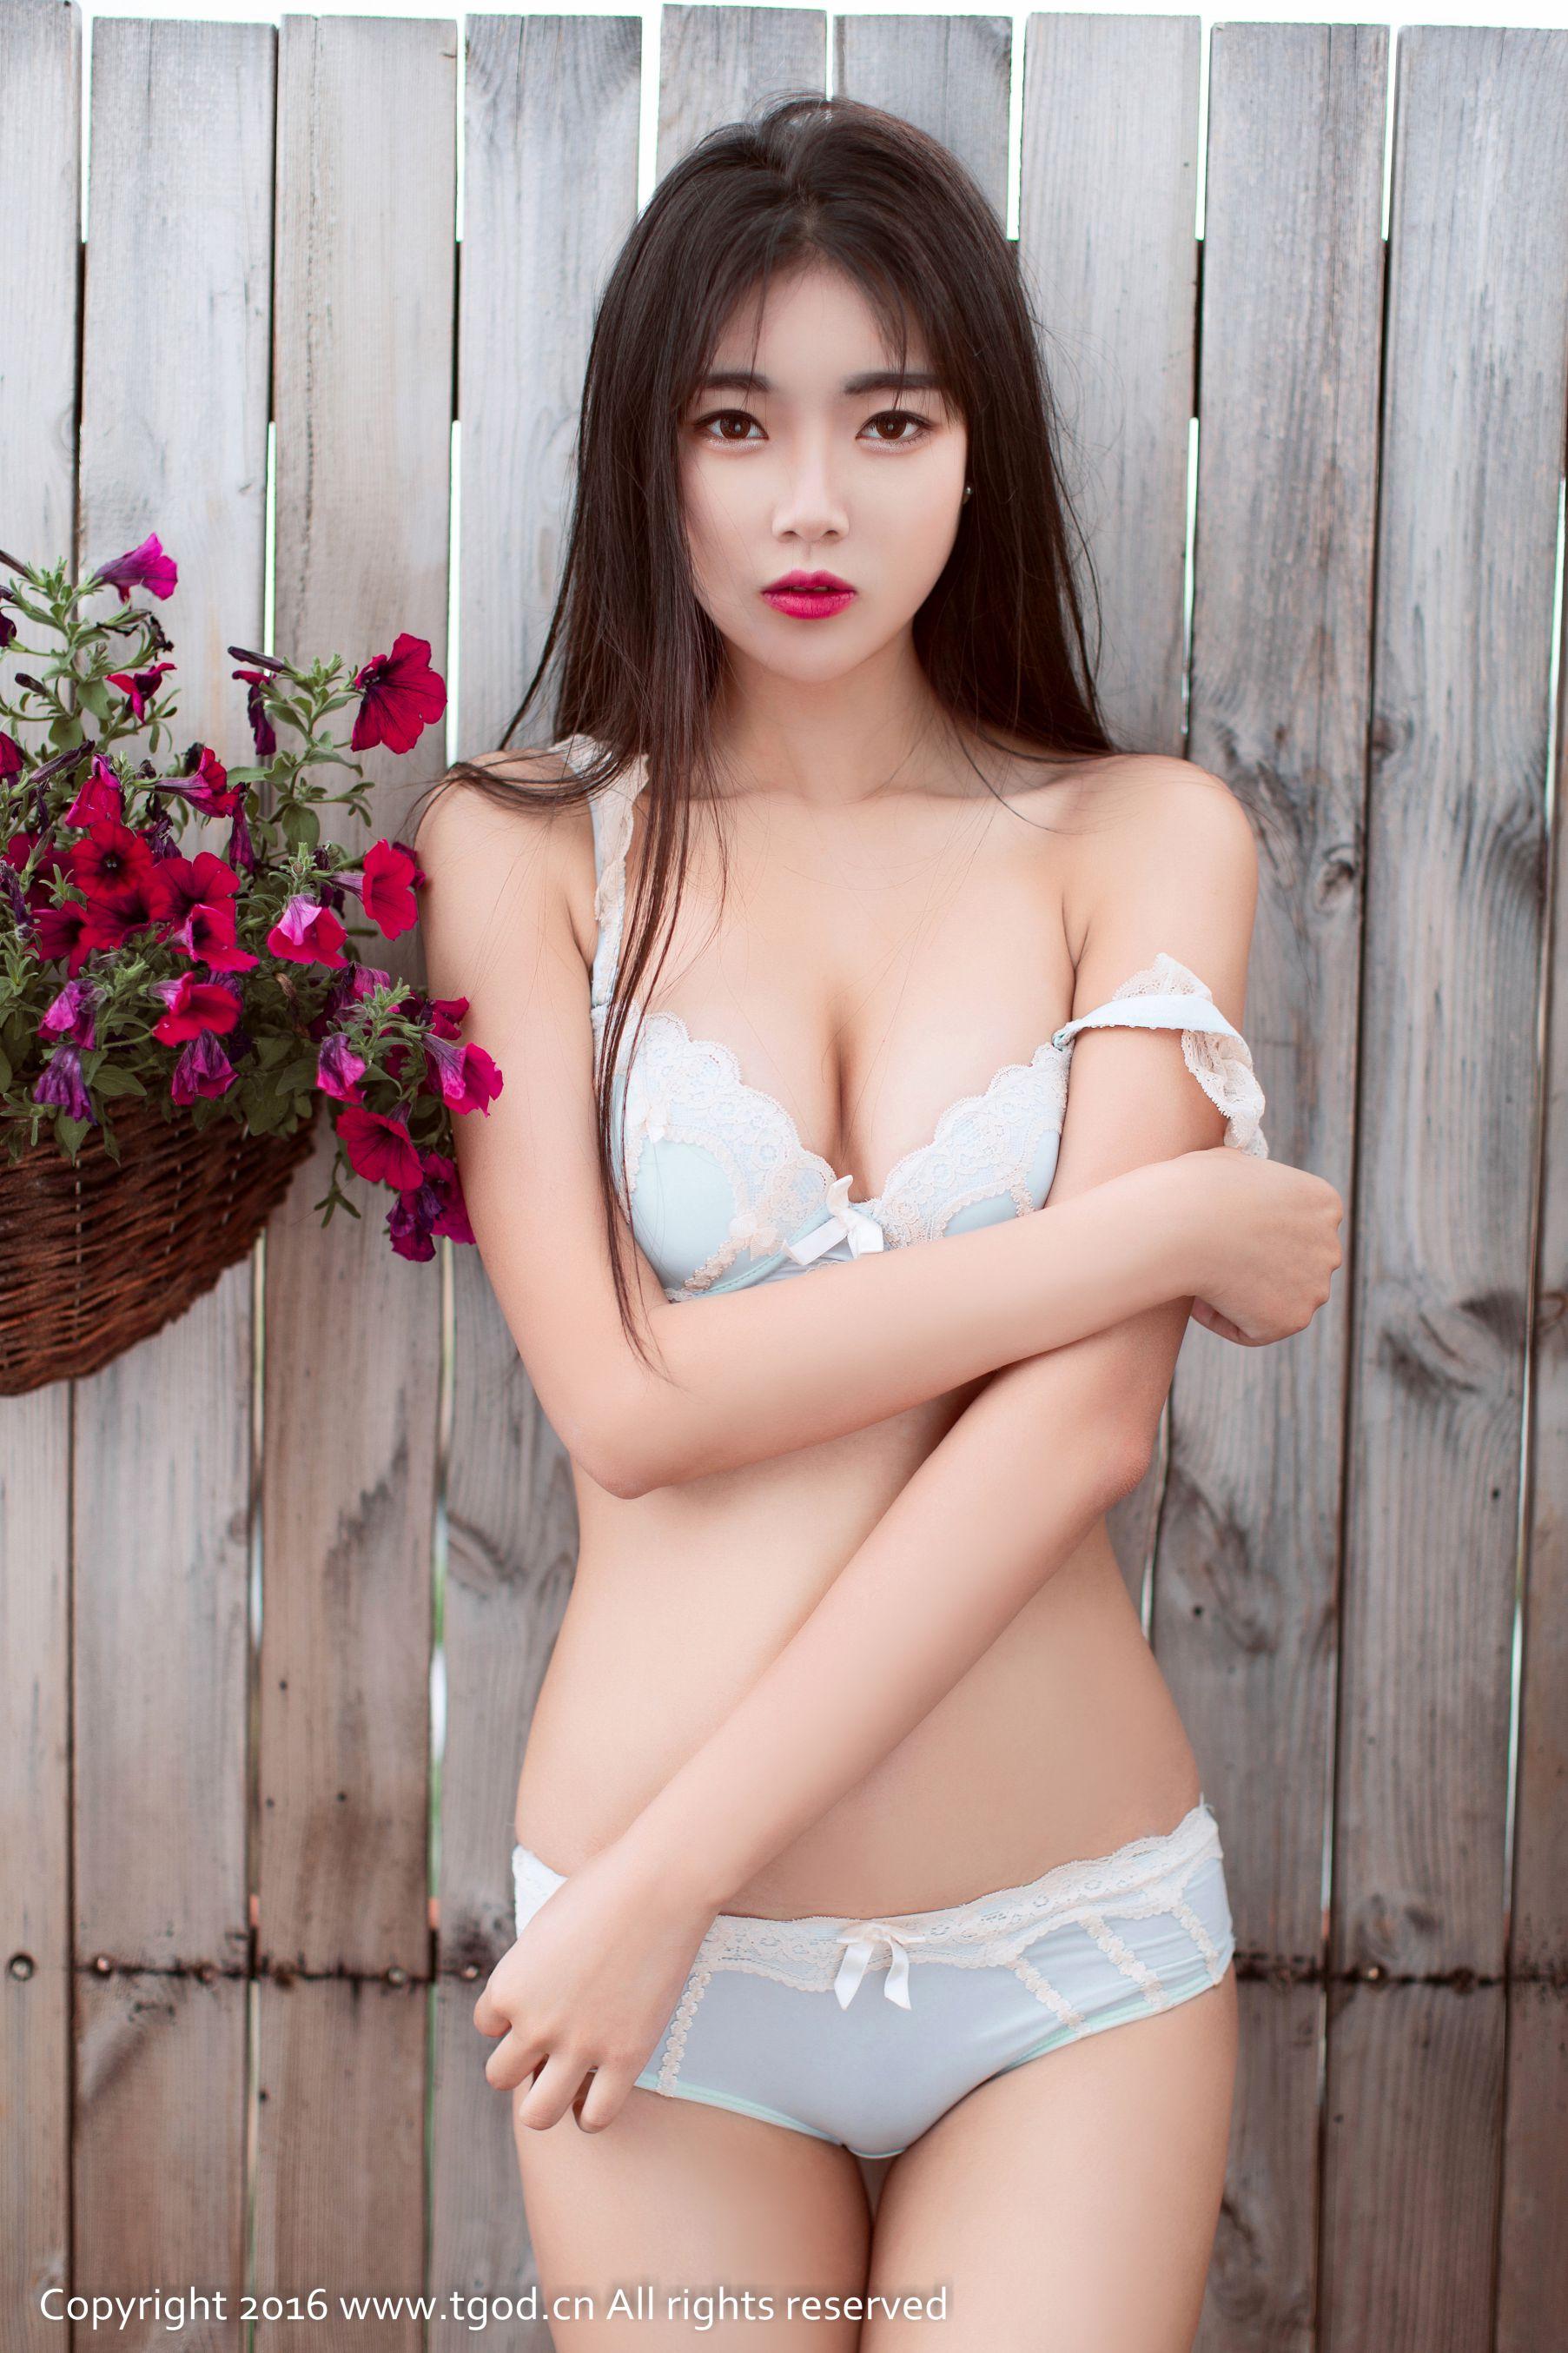 [尤蜜荟] 可乐Vicky 大理旅拍 第一刊 ~[45P]